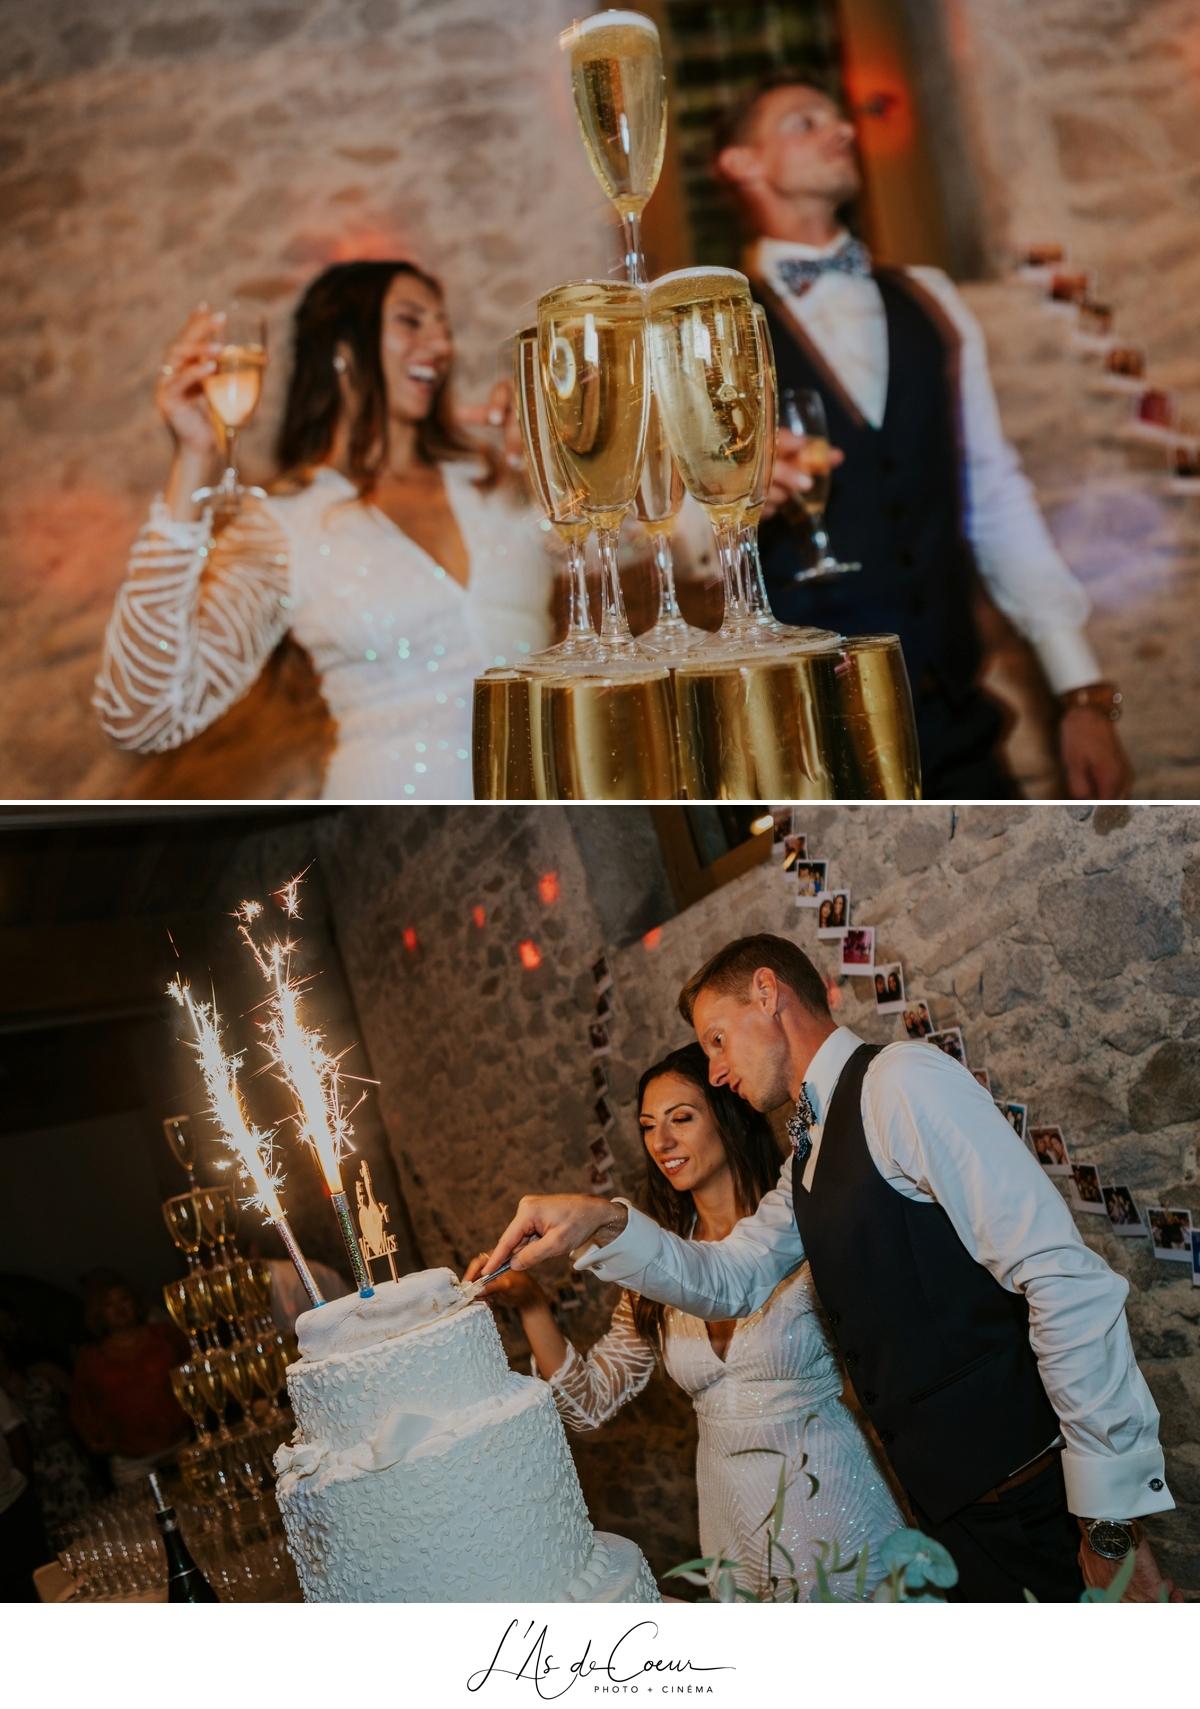 Wedding cake pièce montée champagne Mariage bohème château de la Gallée photographe Mariage Lyon ©lasdecoeur